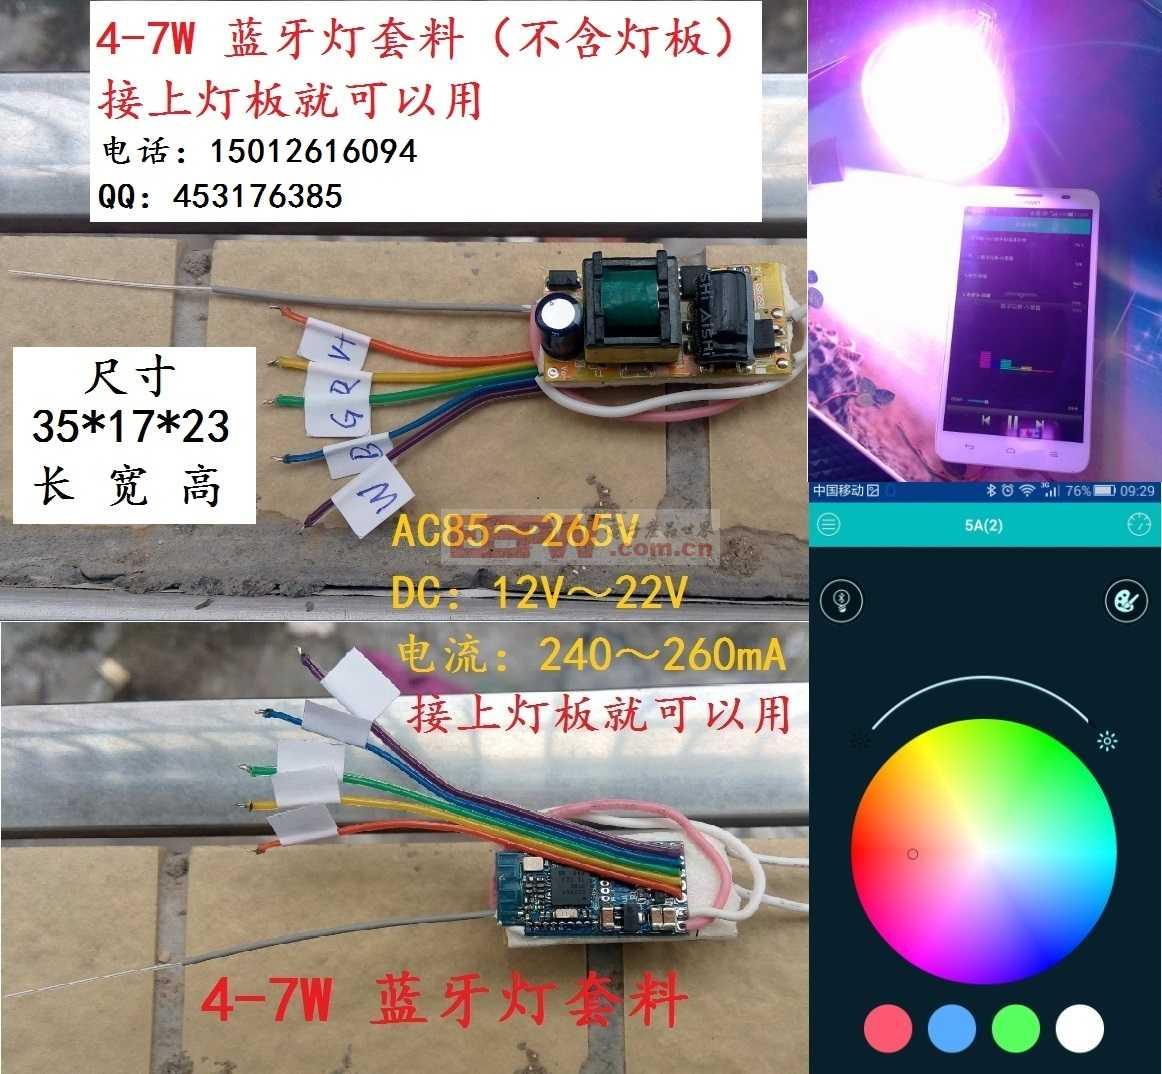 蓝牙智能灯 RGB-W 七彩调光、调色温、音乐律动方案